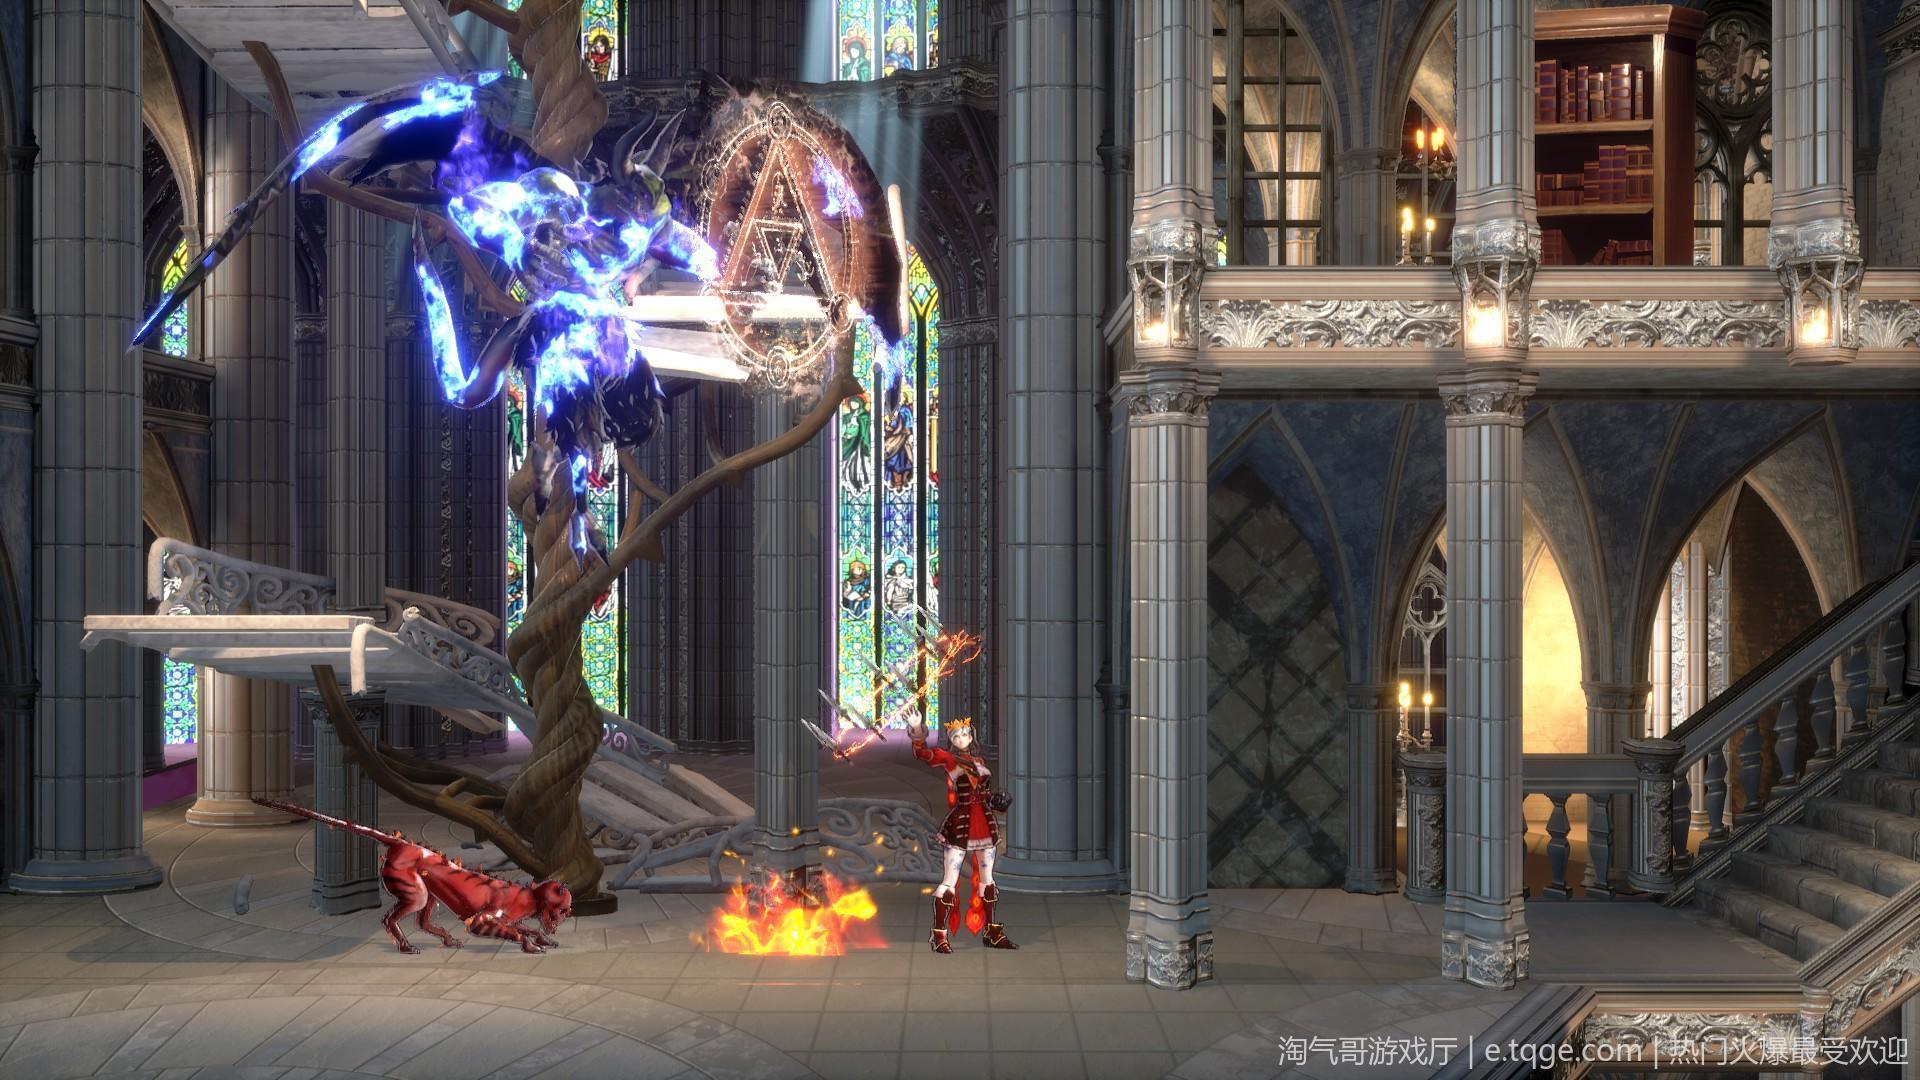 血污:夜之仪式/赤痕夜之仪式 角色扮演 第3张